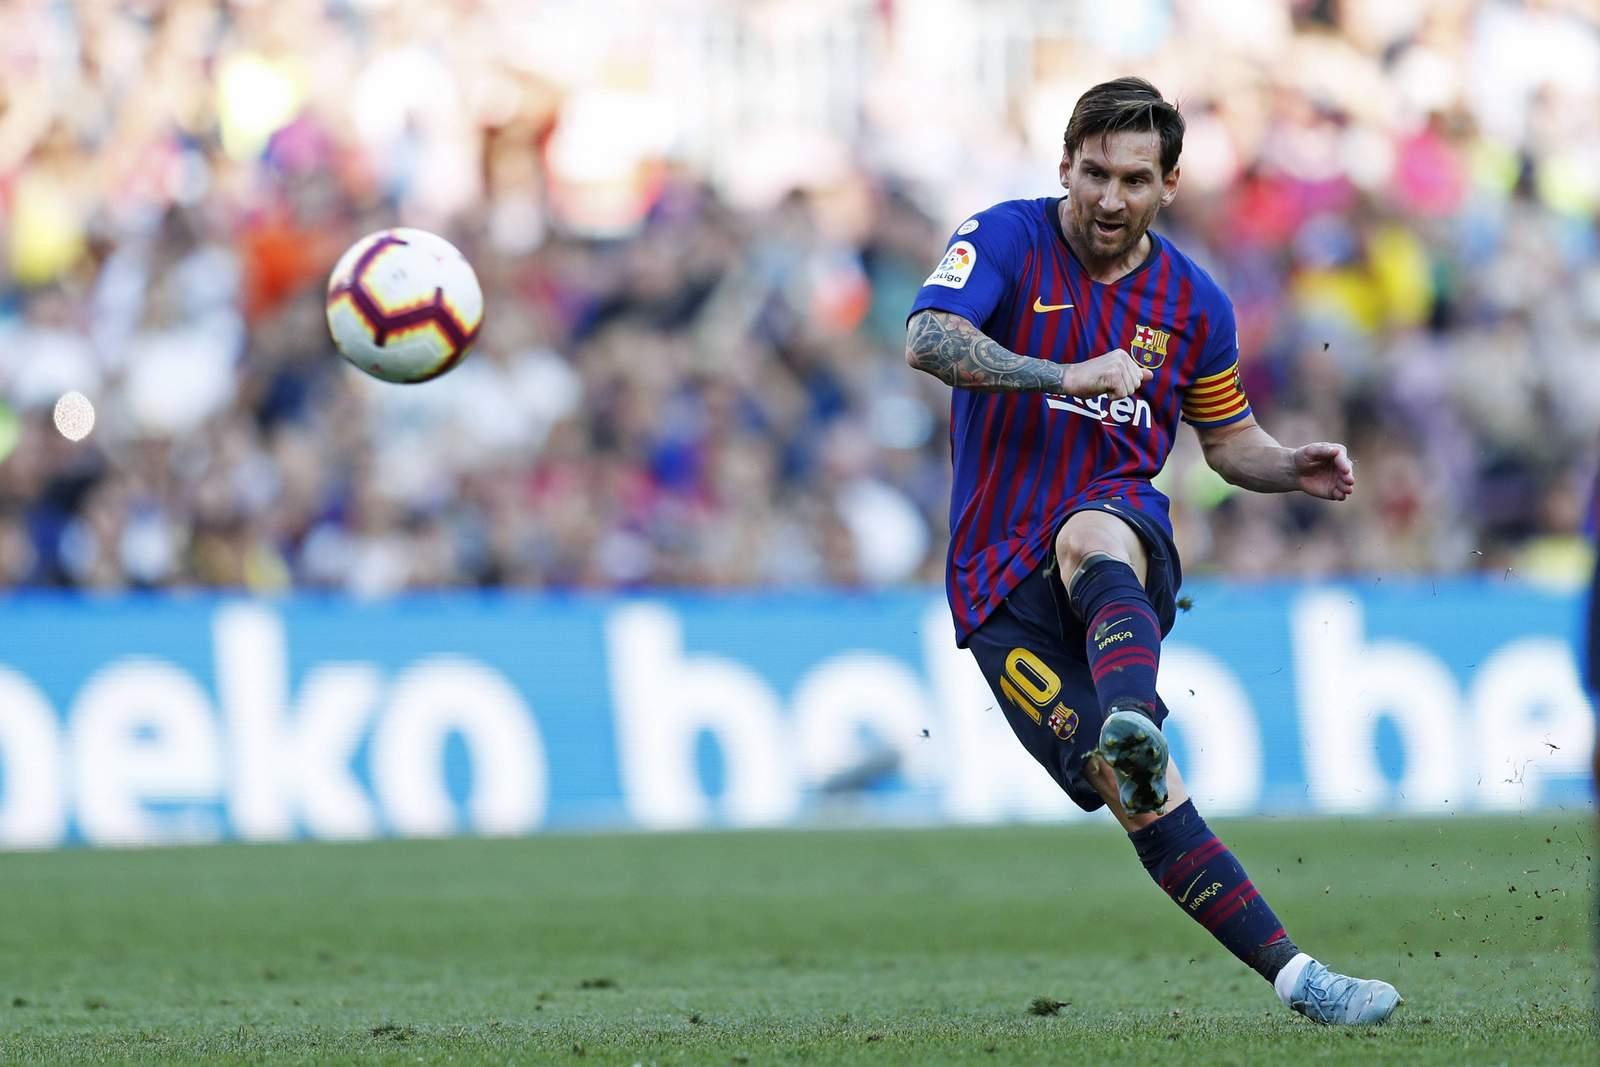 Trifft Lionel Messi beim Gastspiel gegen Tottenham? Jetzt auf Tottenham gegen Barcelona wetten.